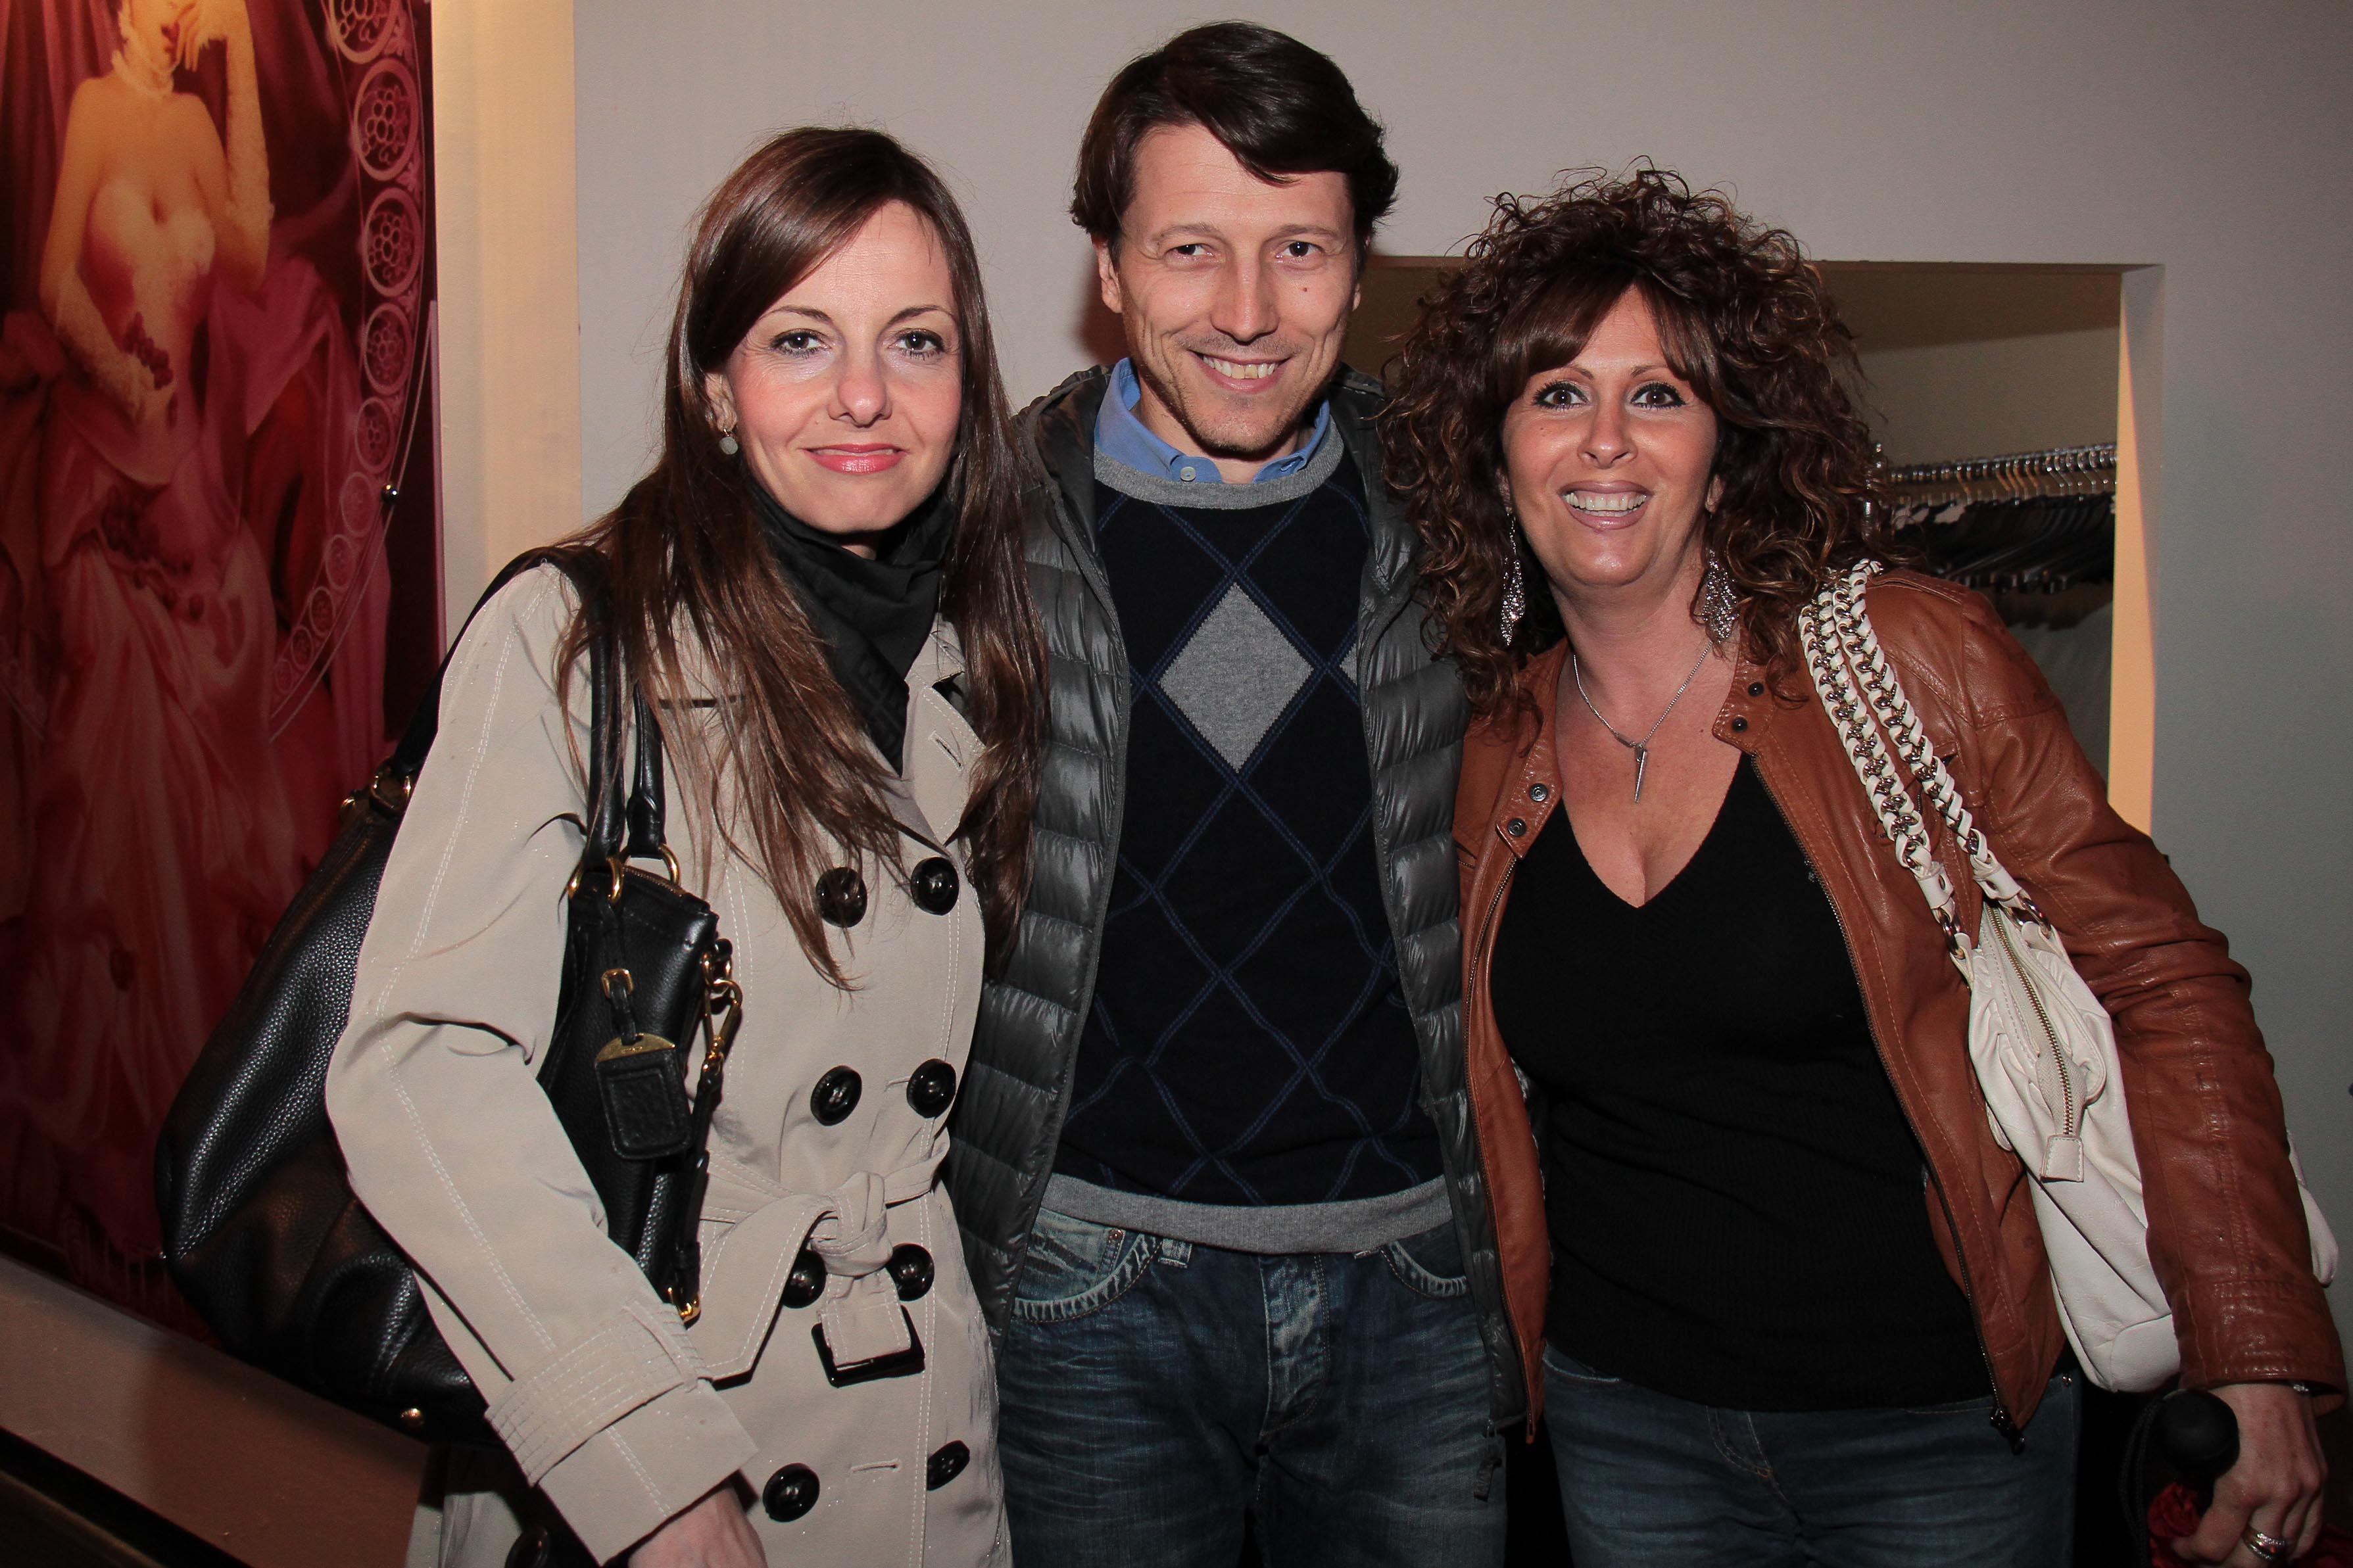 PRESSPHOTO Capalle, inaugurazione Galisia. Nella foto Paola Diamanti, Matteo Papini e Linda Maroncelli giuseppe cabras/new press photo